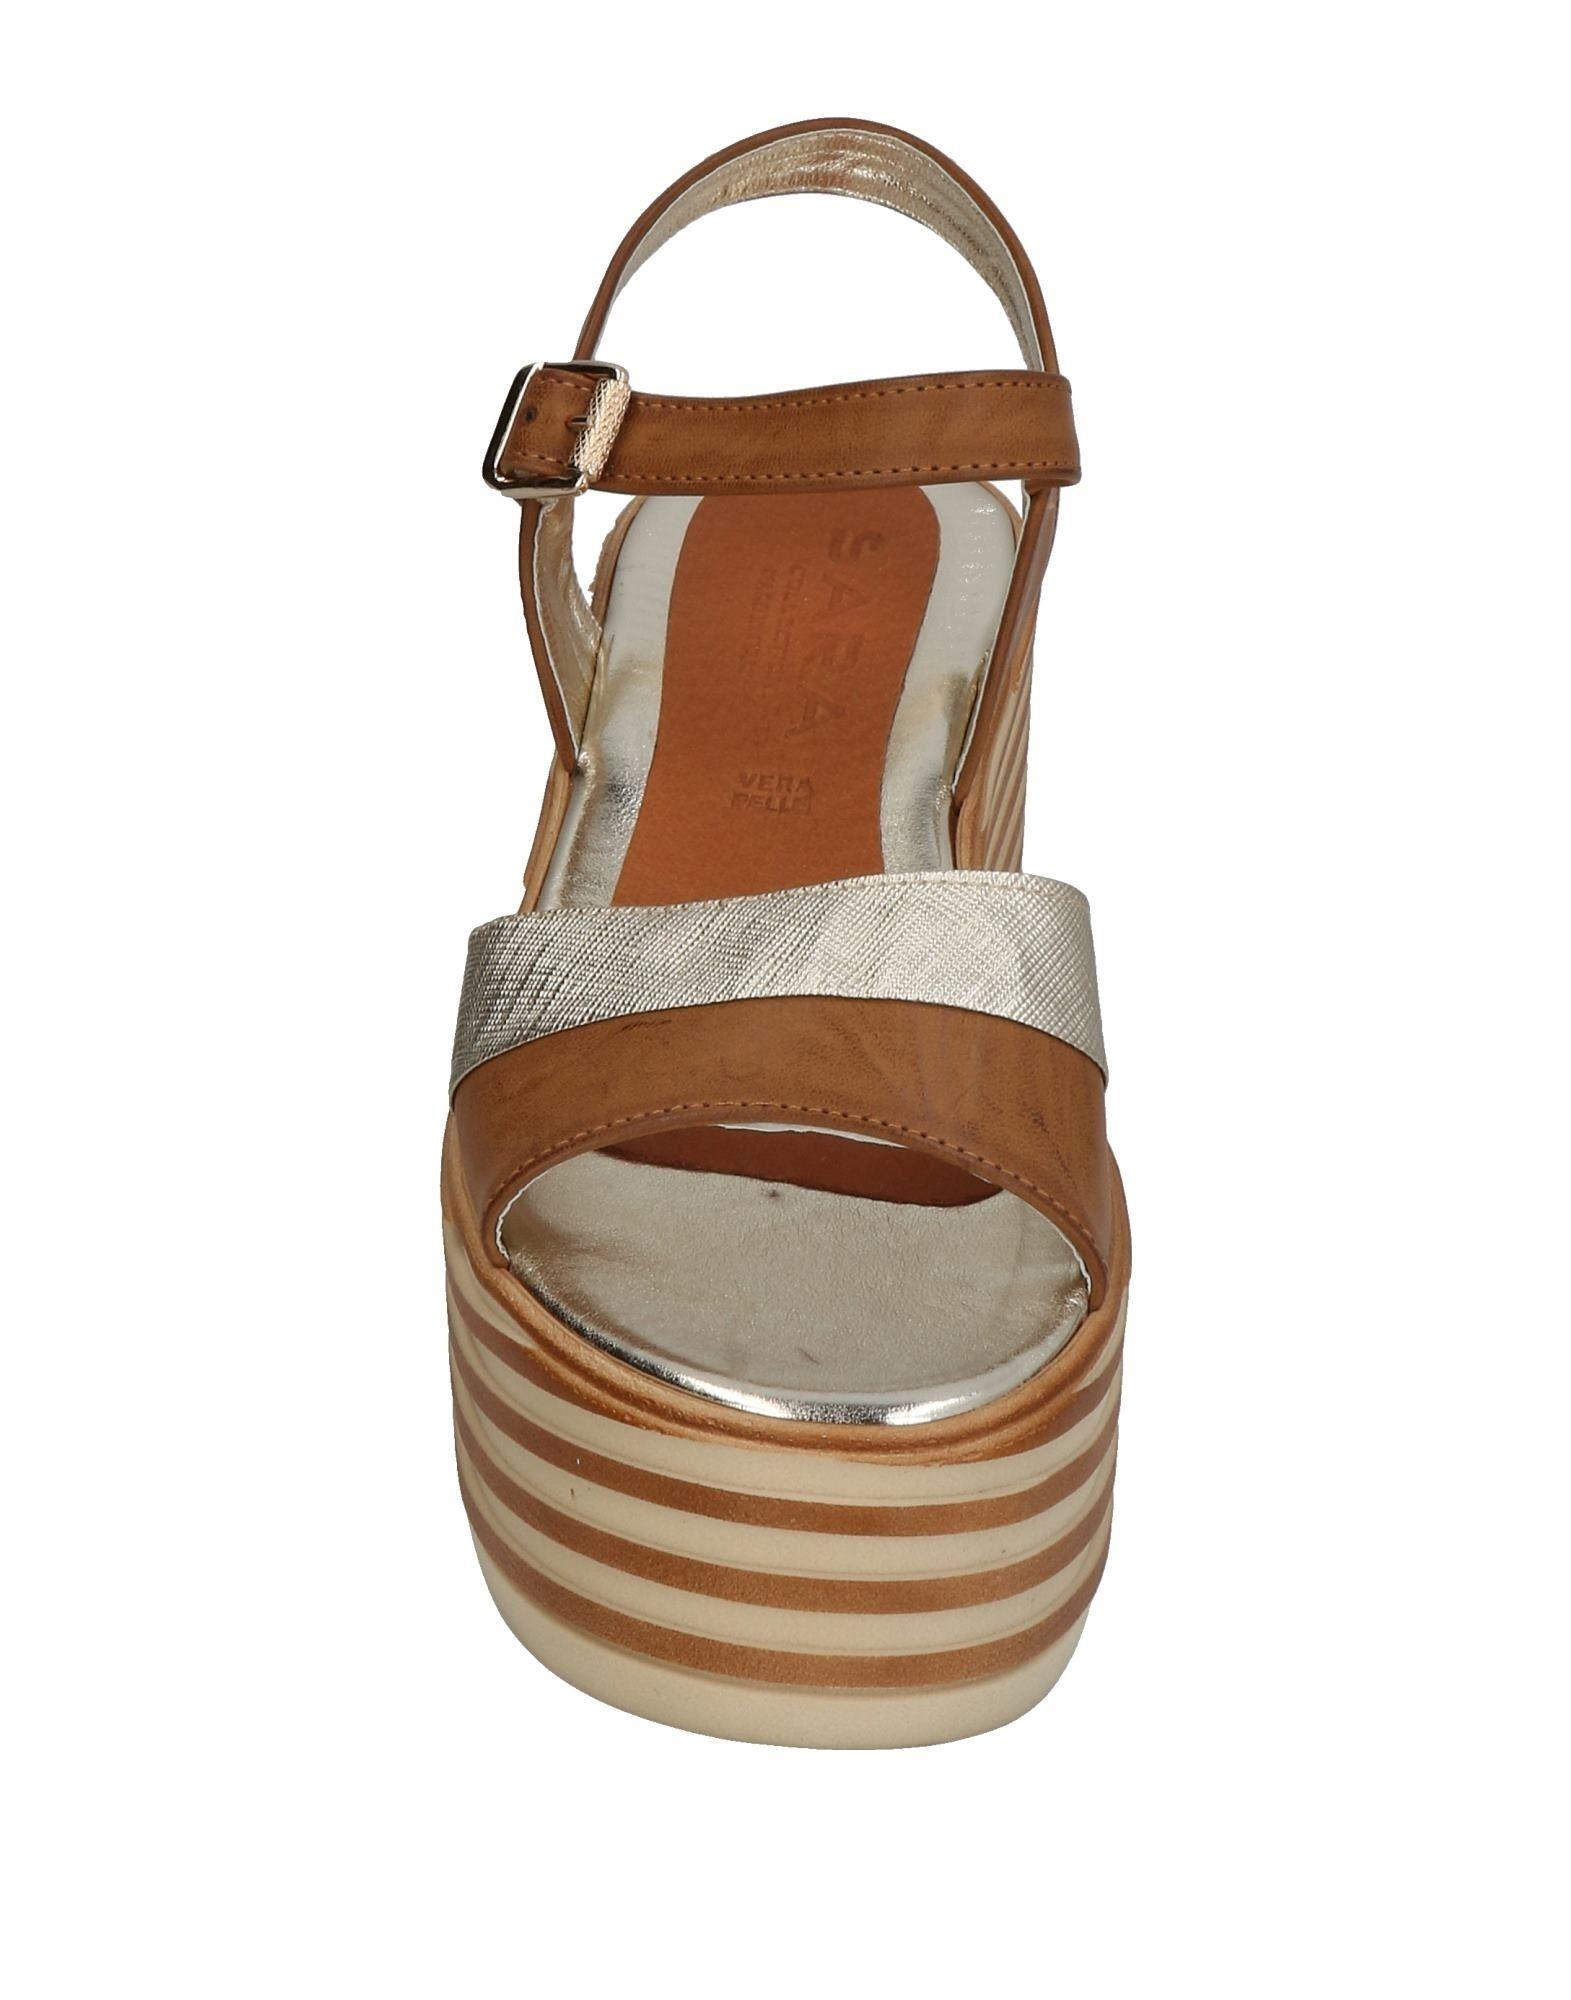 Sara® Collection Sandalen Damen Damen Sandalen  11435763VU Gute Qualität beliebte Schuhe 50ad3d